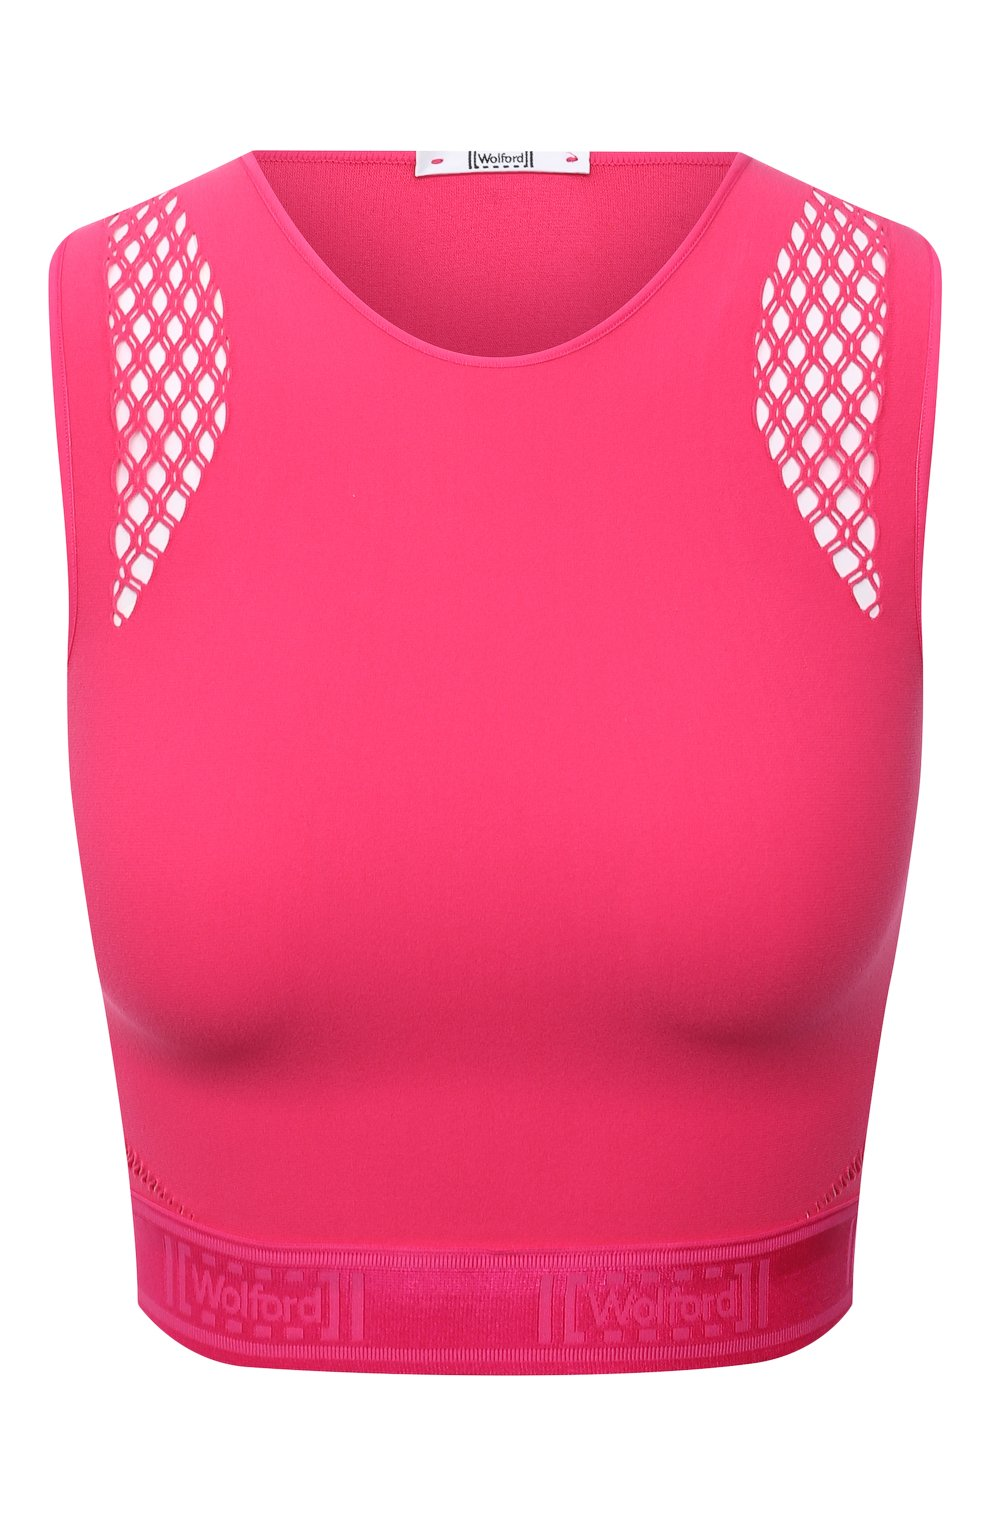 Женский топ WOLFORD розового цвета, арт. 52854 | Фото 1 (Женское Кросс-КТ: Топ-спорт; Материал внешний: Синтетический материал; Стили: Спорт-шик; Длина (для топов): Укороченные)